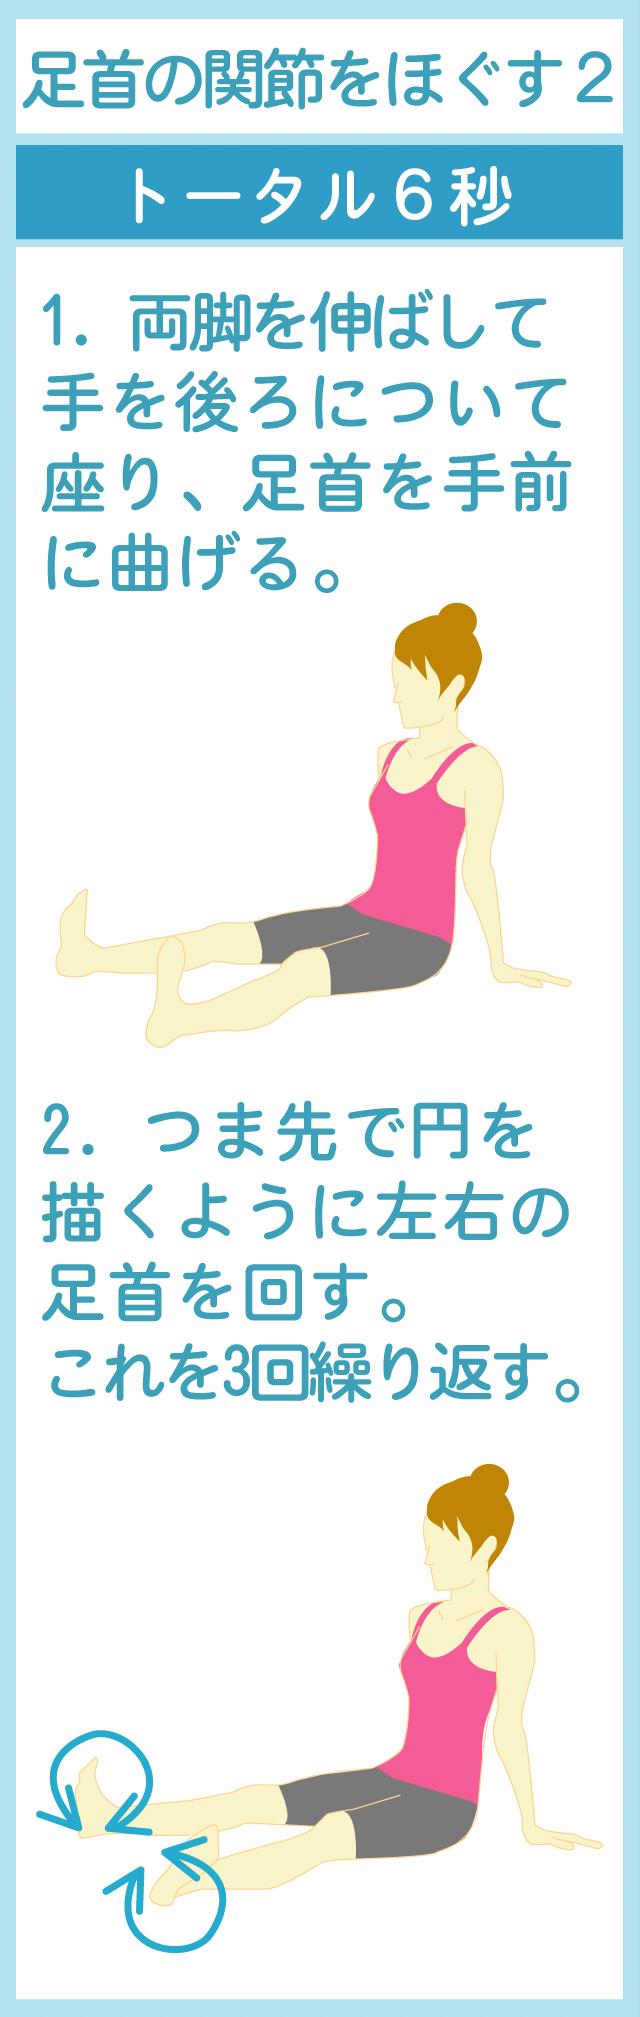 足首の関節をほぐす座ったままのストレッチ2